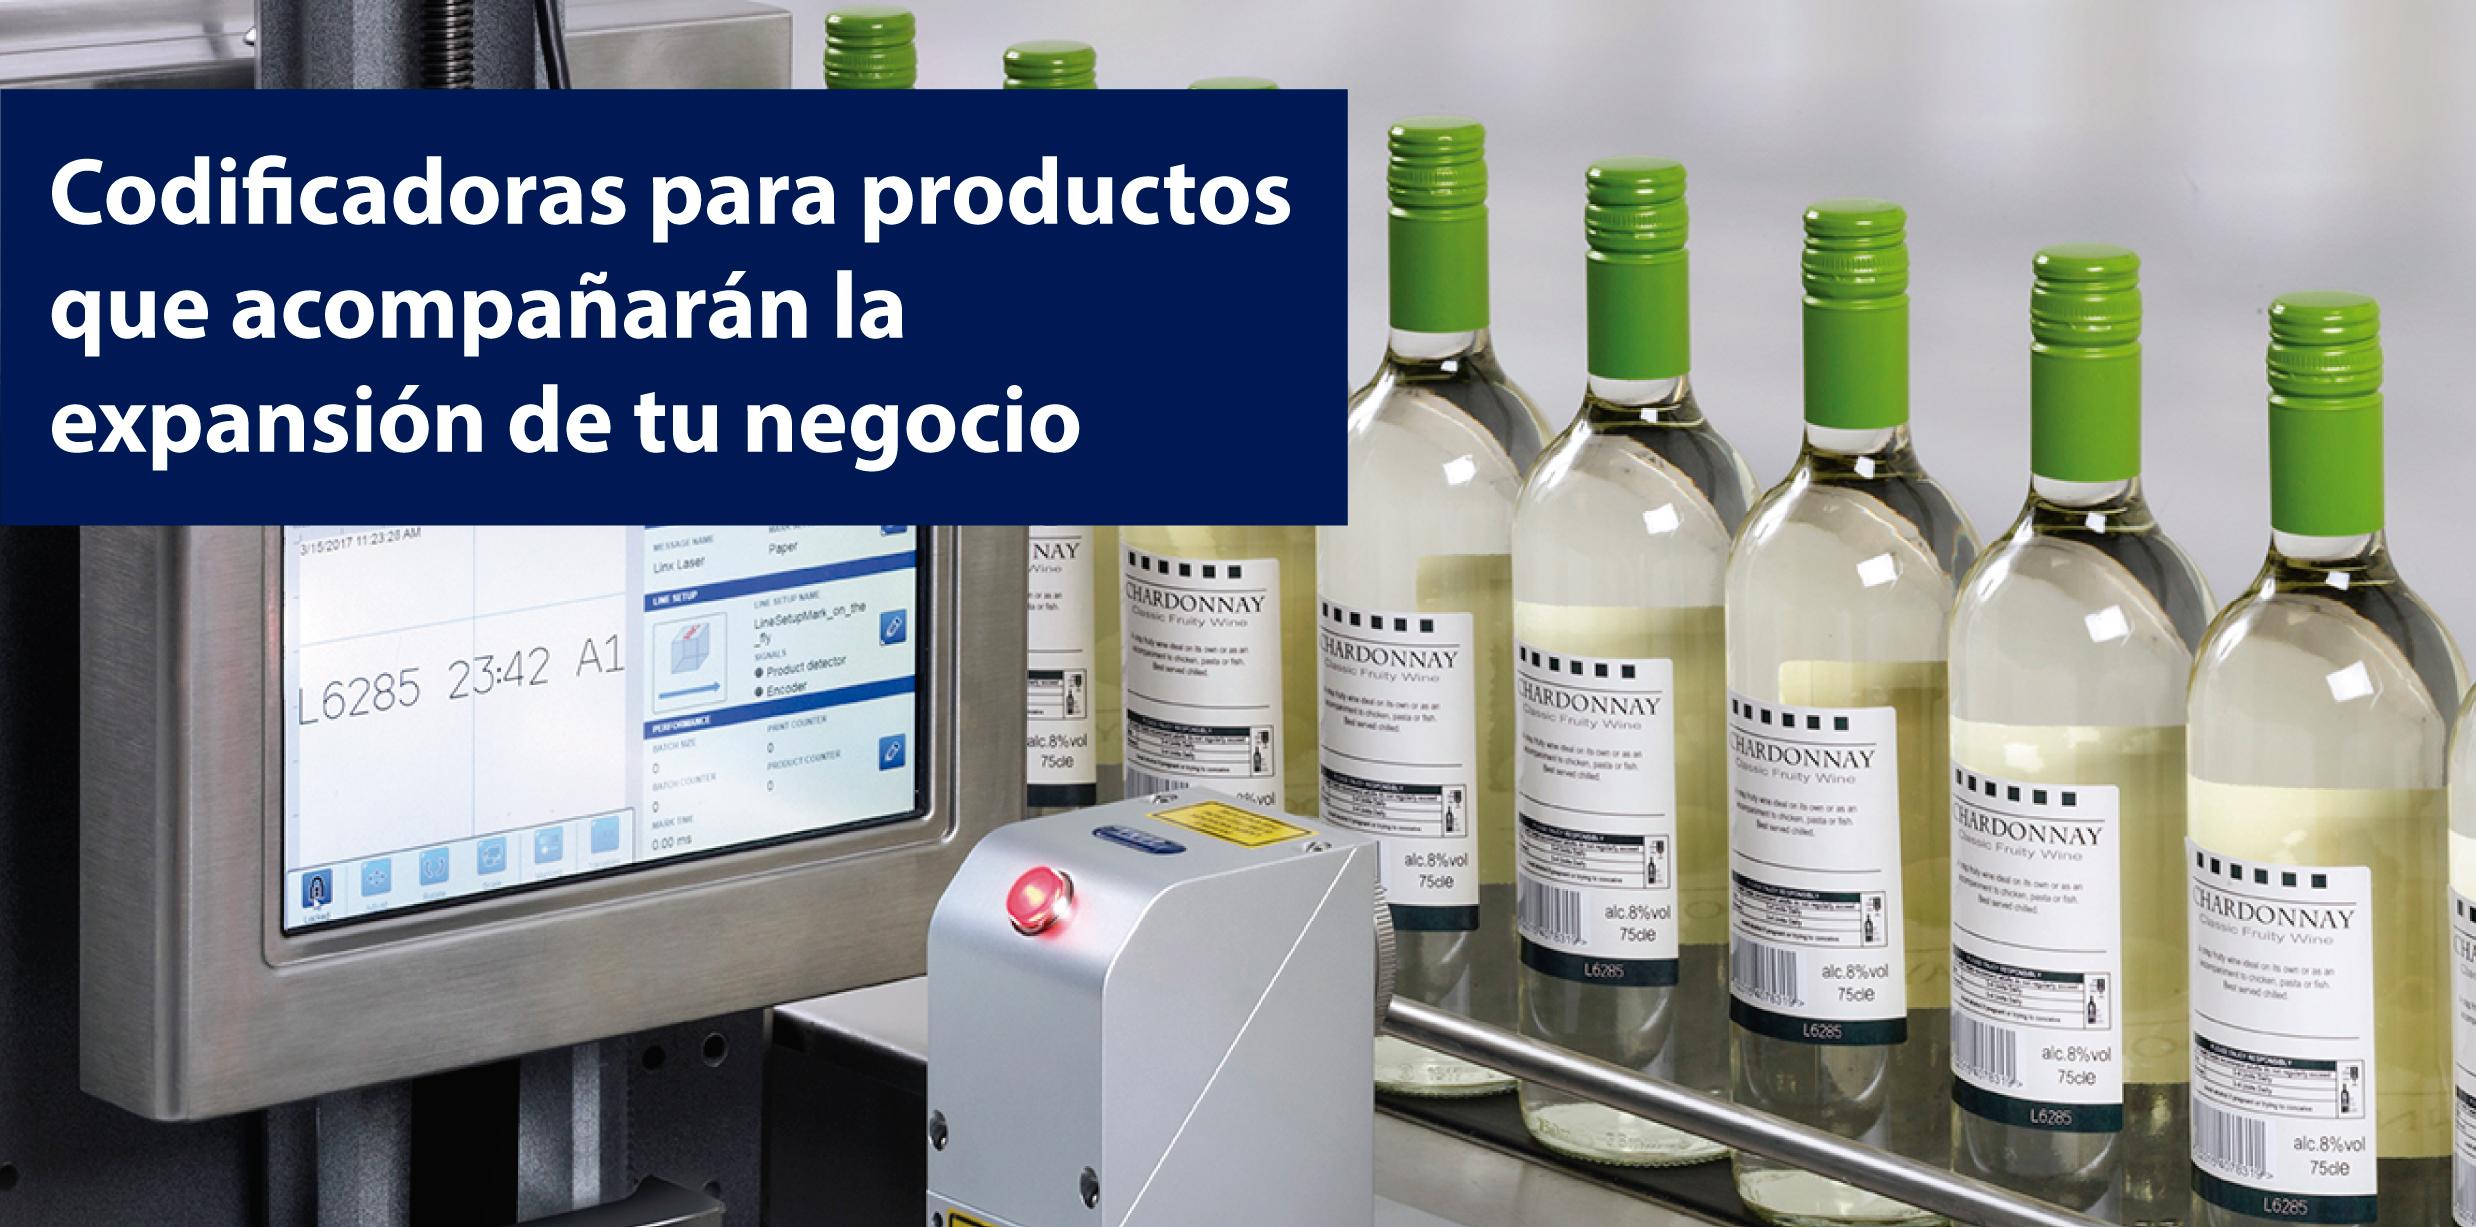 codificadoras de productos